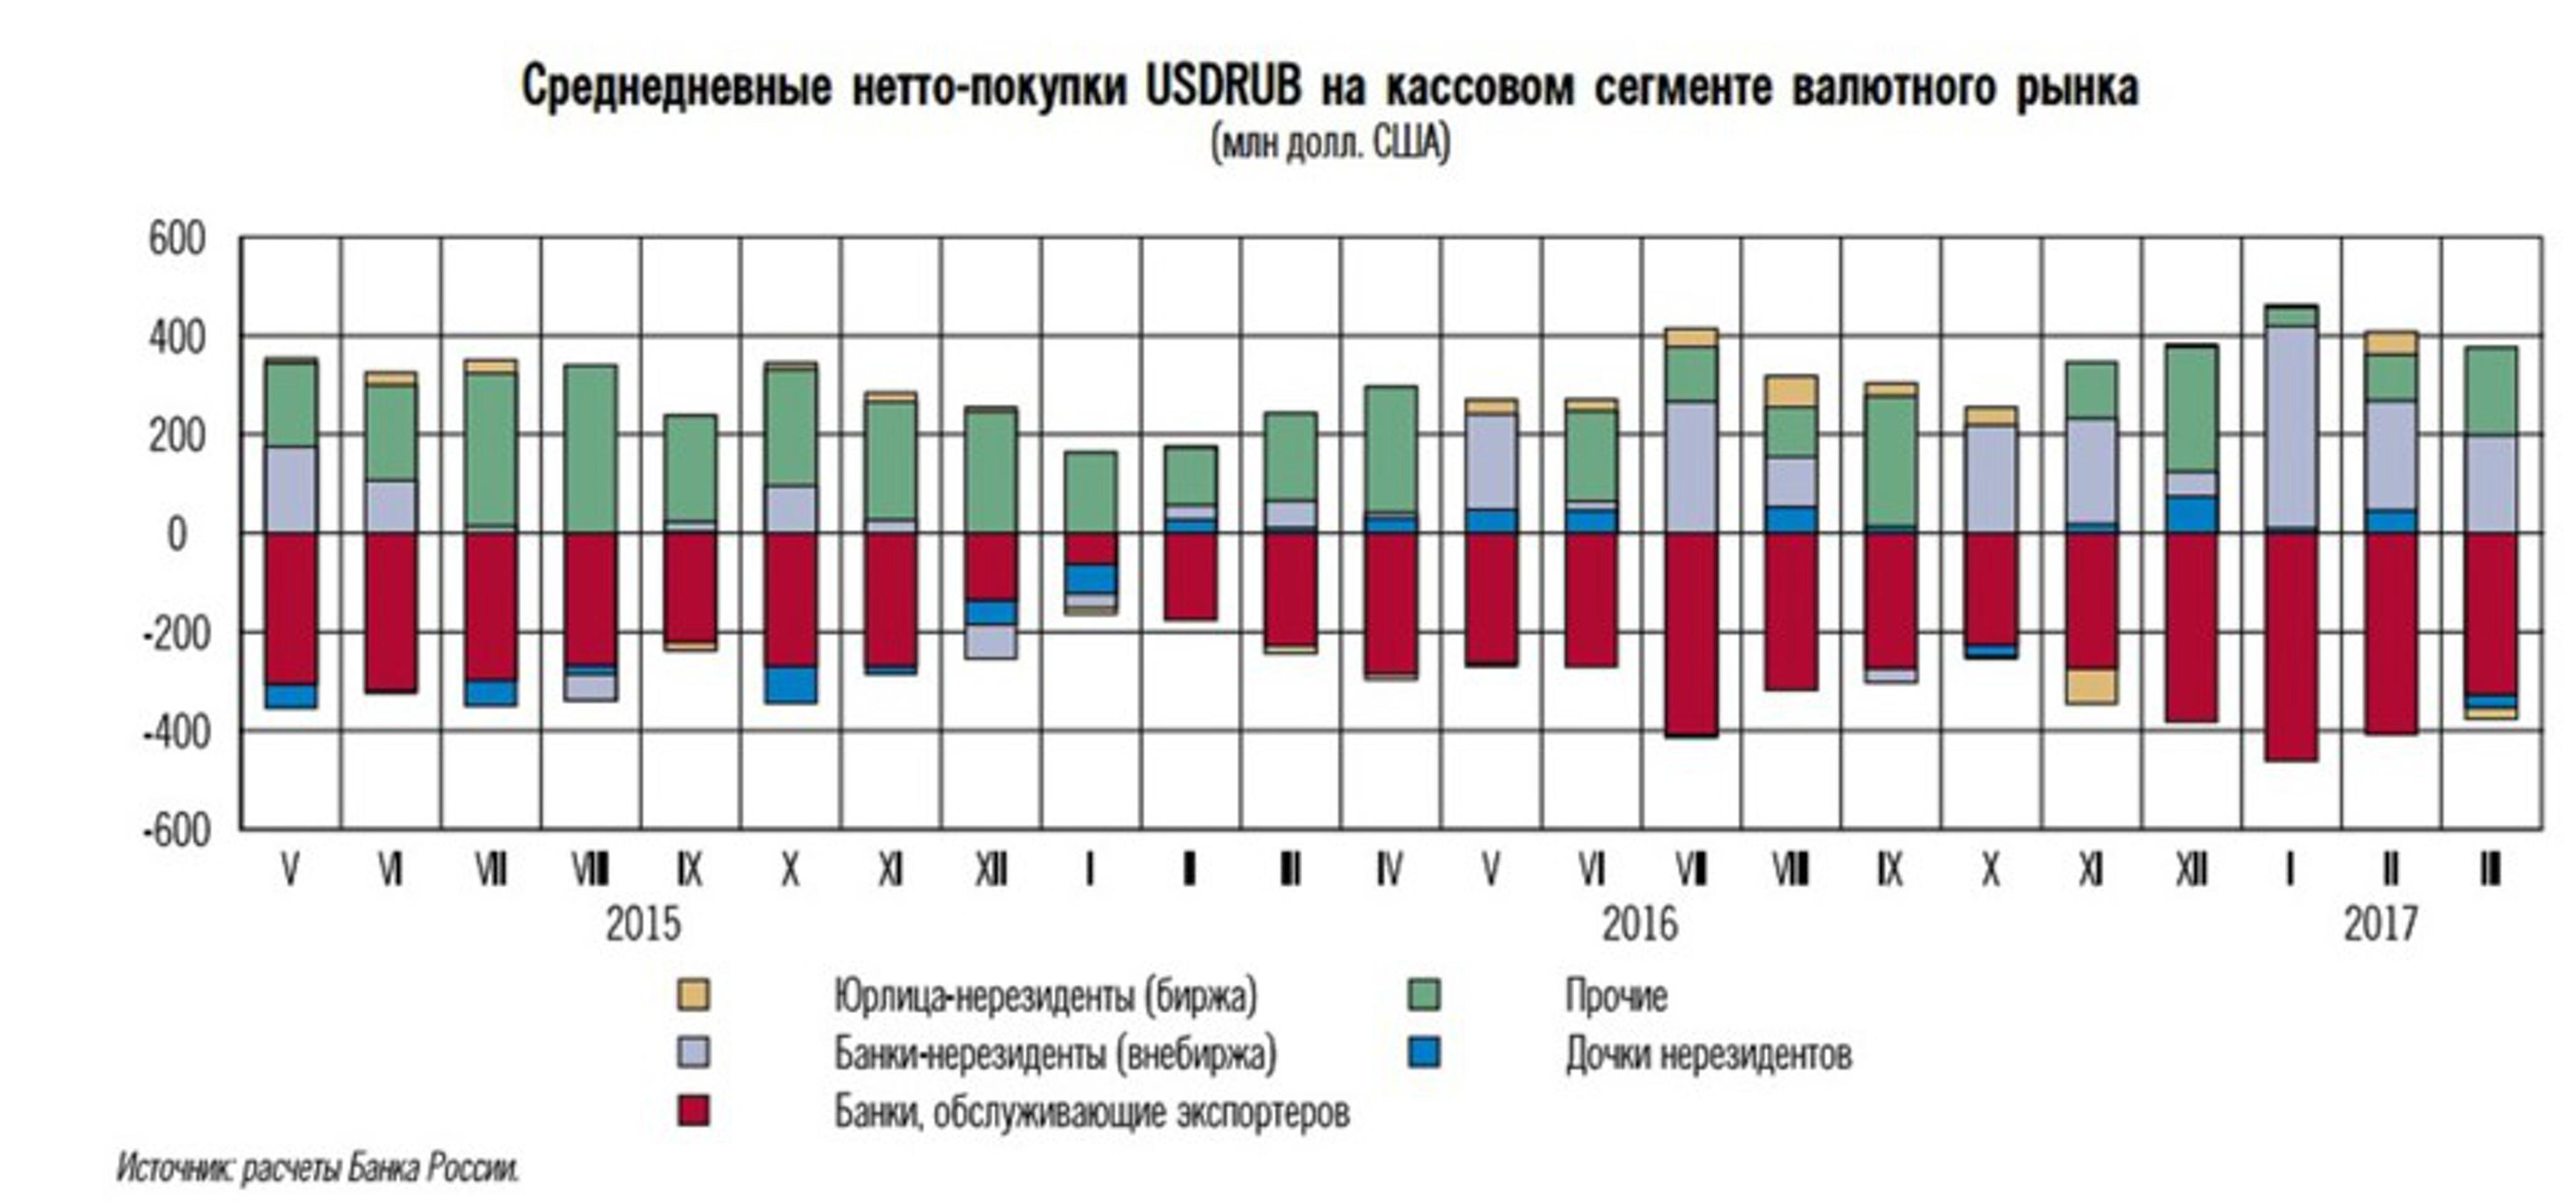 Как справиться с бегством нерезидентов с рынка РФ?